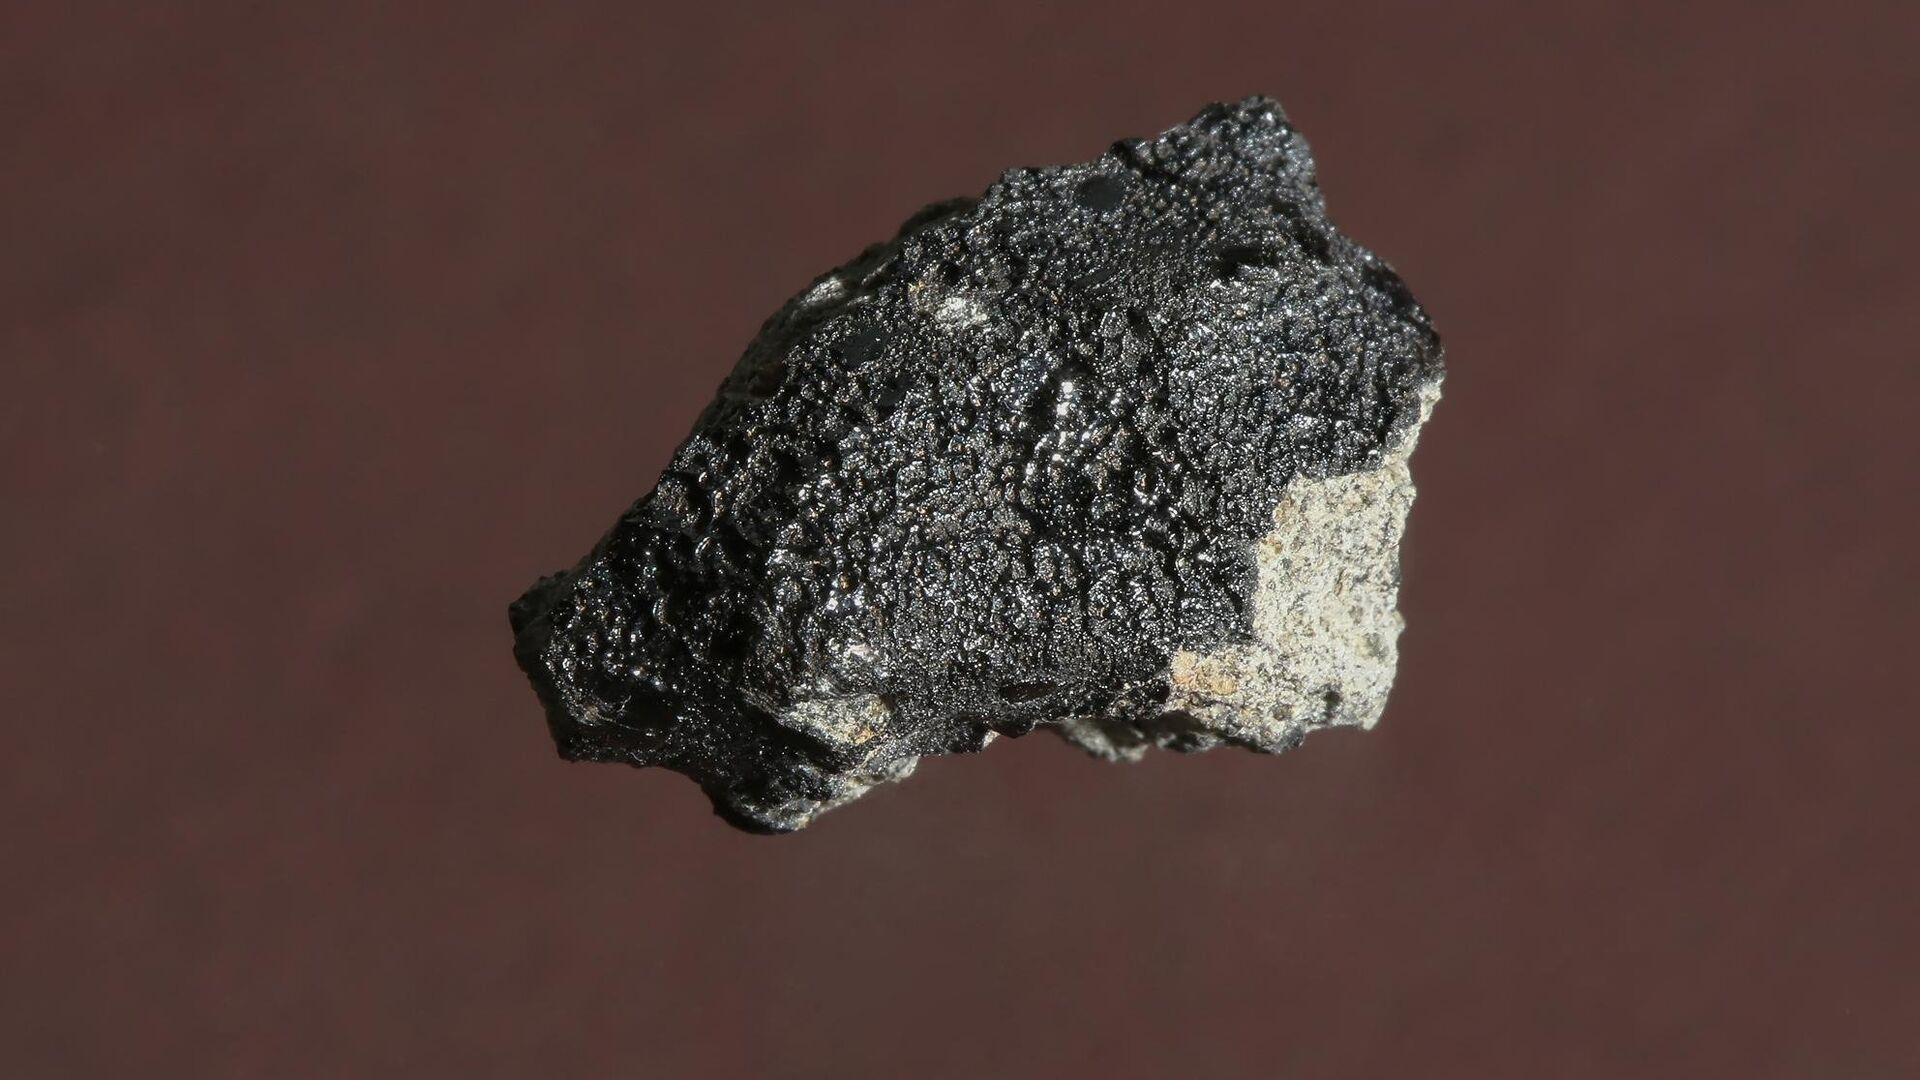 В Китае зафиксировали падение похожего на метеорит объекта